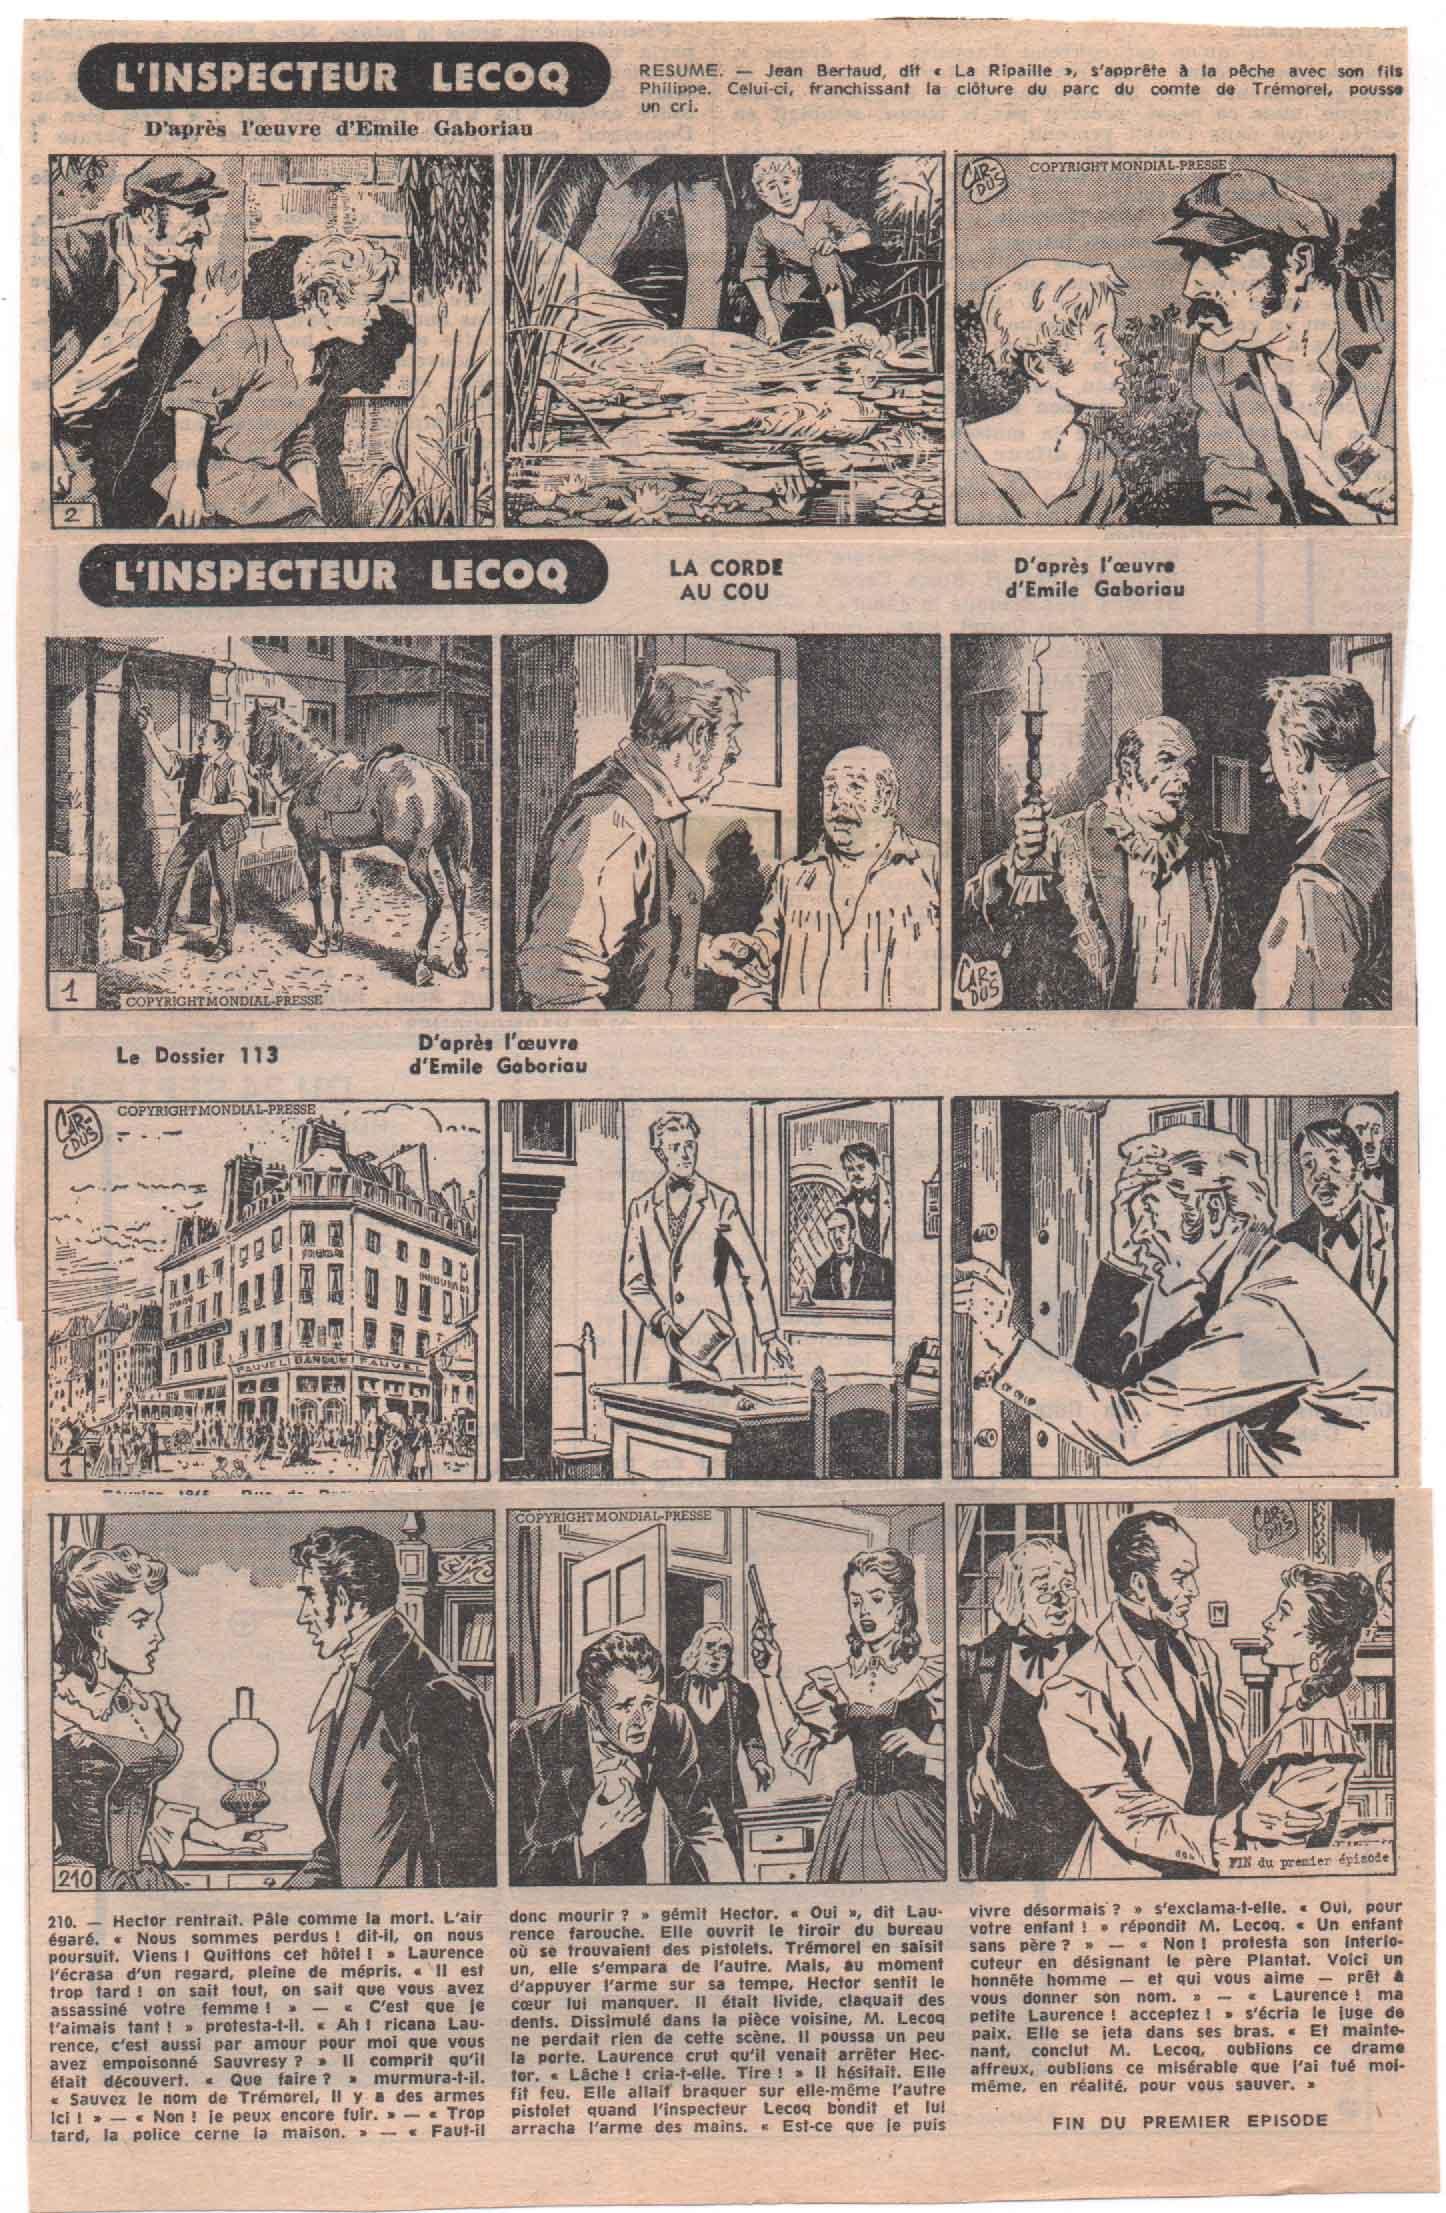 « Inspecteur Lecoq » par Cardus Mondial presse (1968-1972).